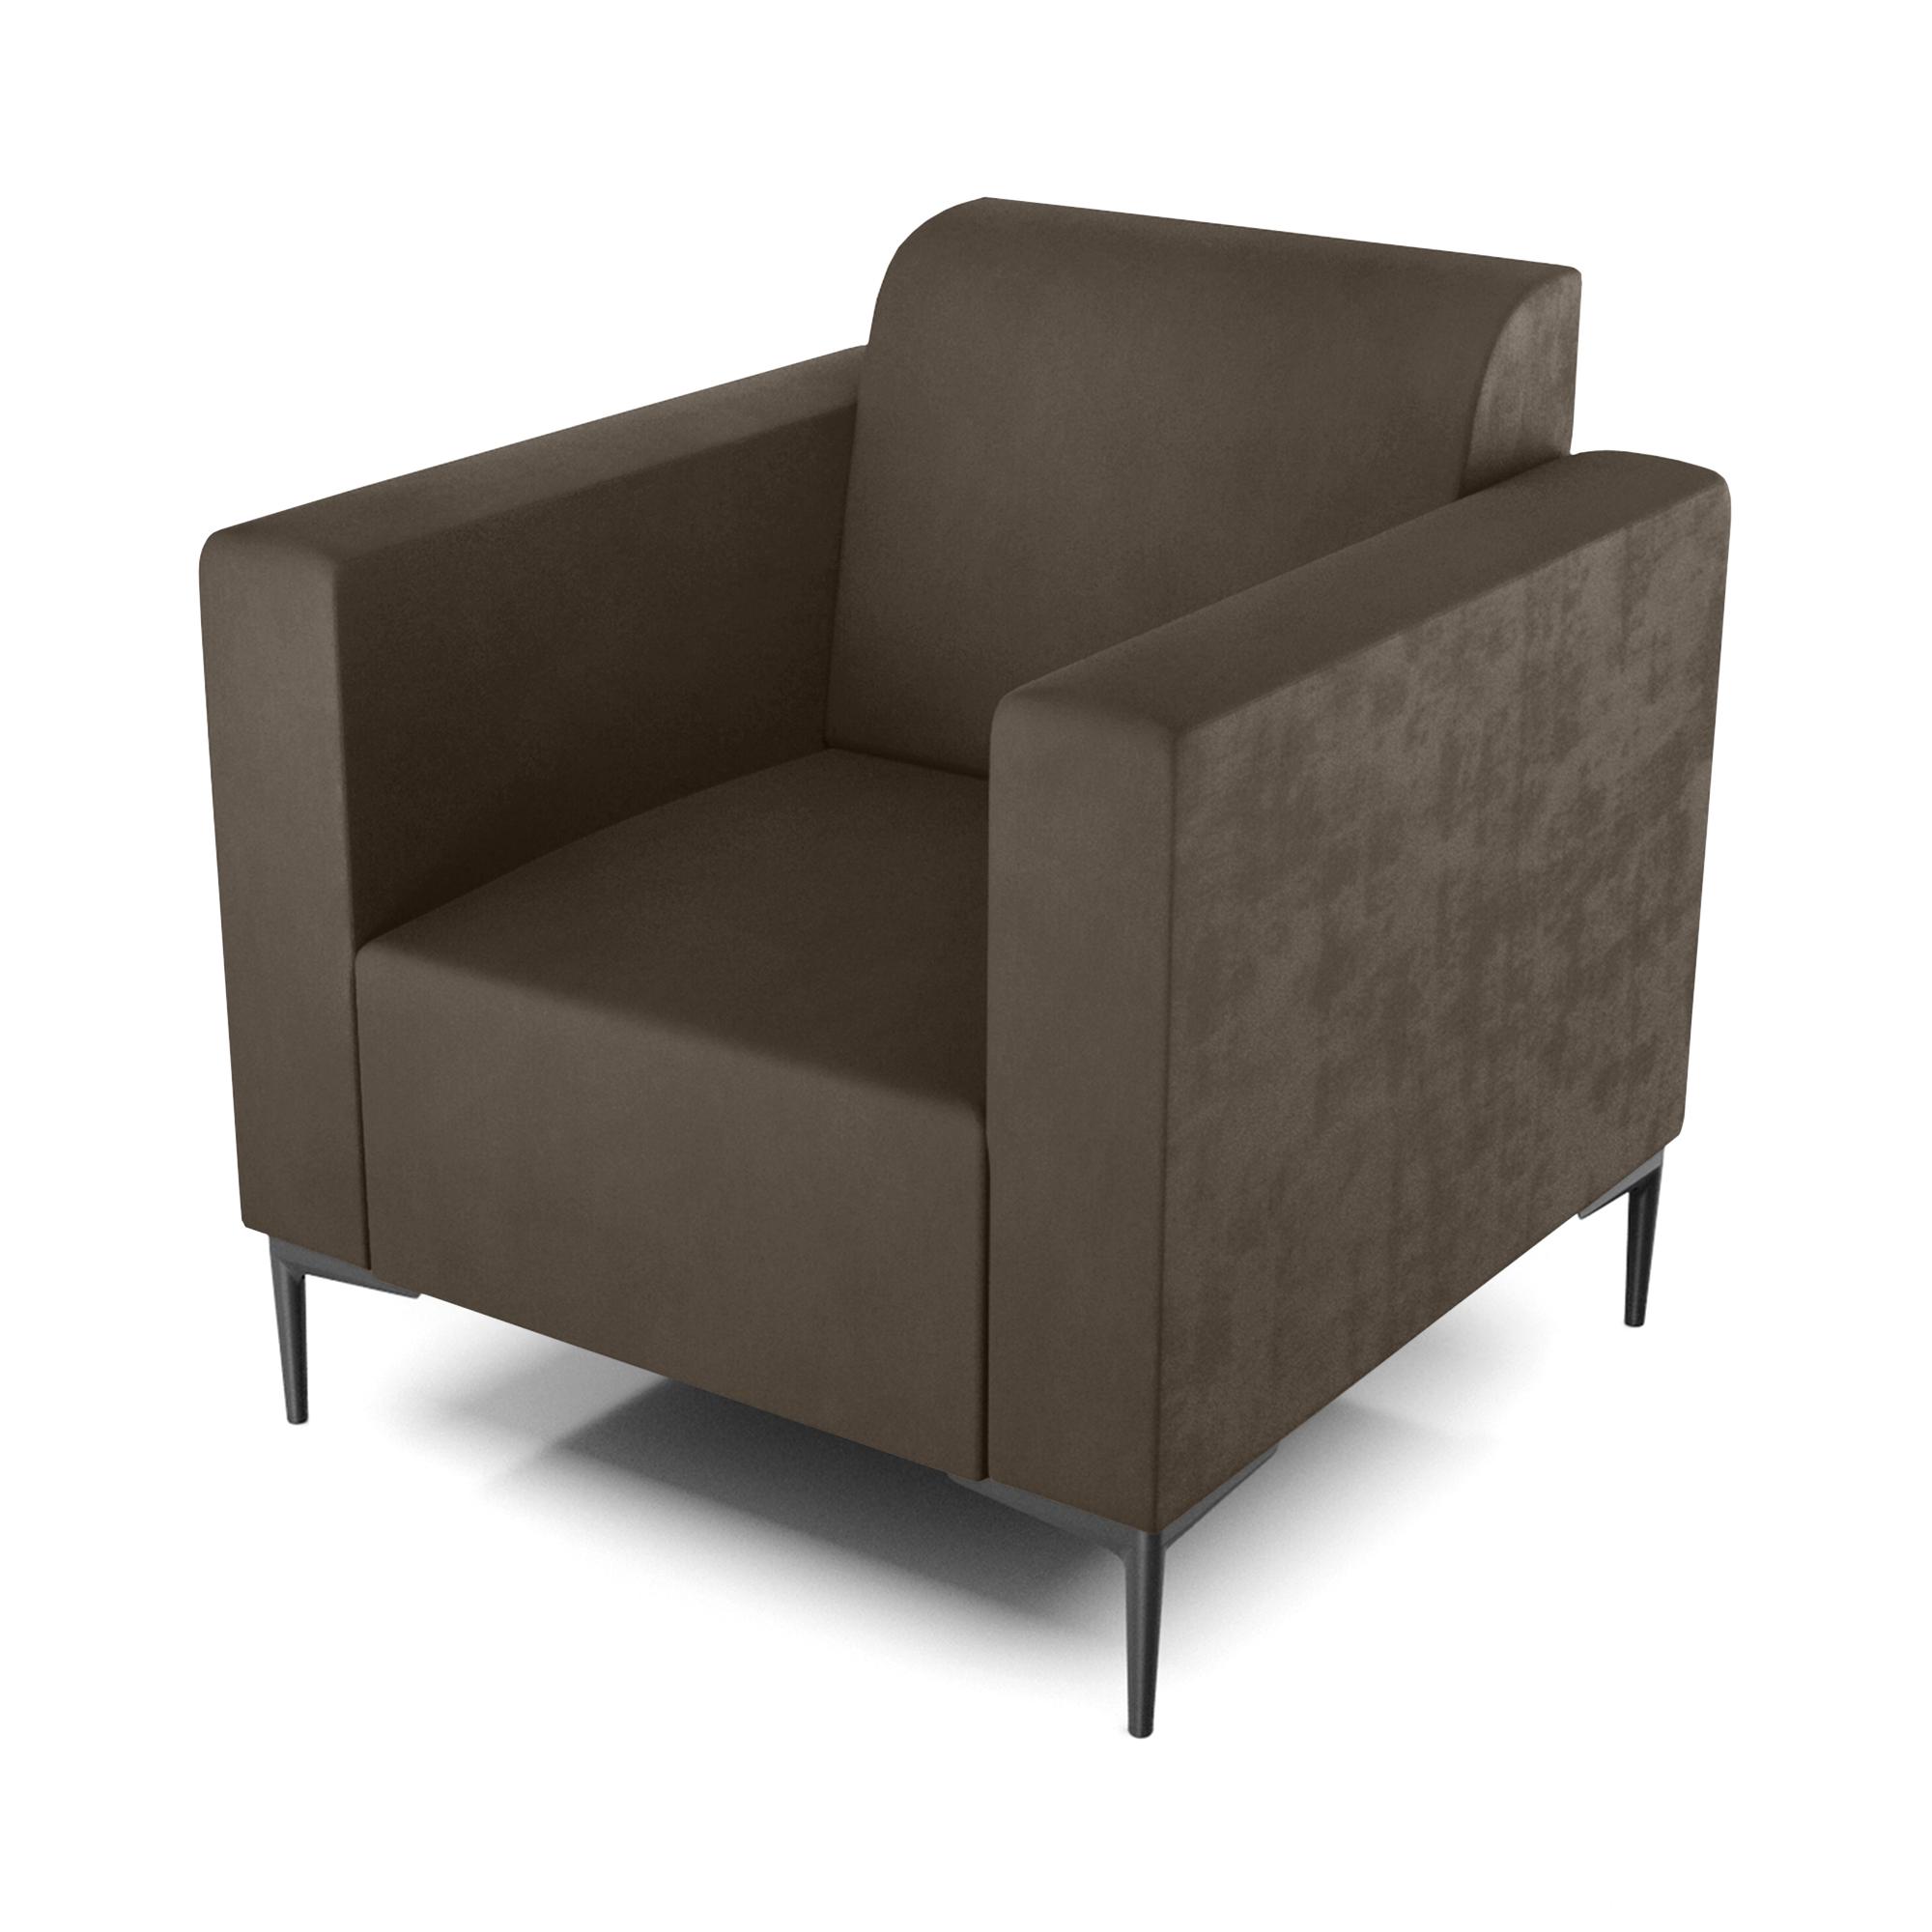 Кресло AS Тиффани 79x78x73 см древесный кресло as тиффани 79x78x73 см коричневый